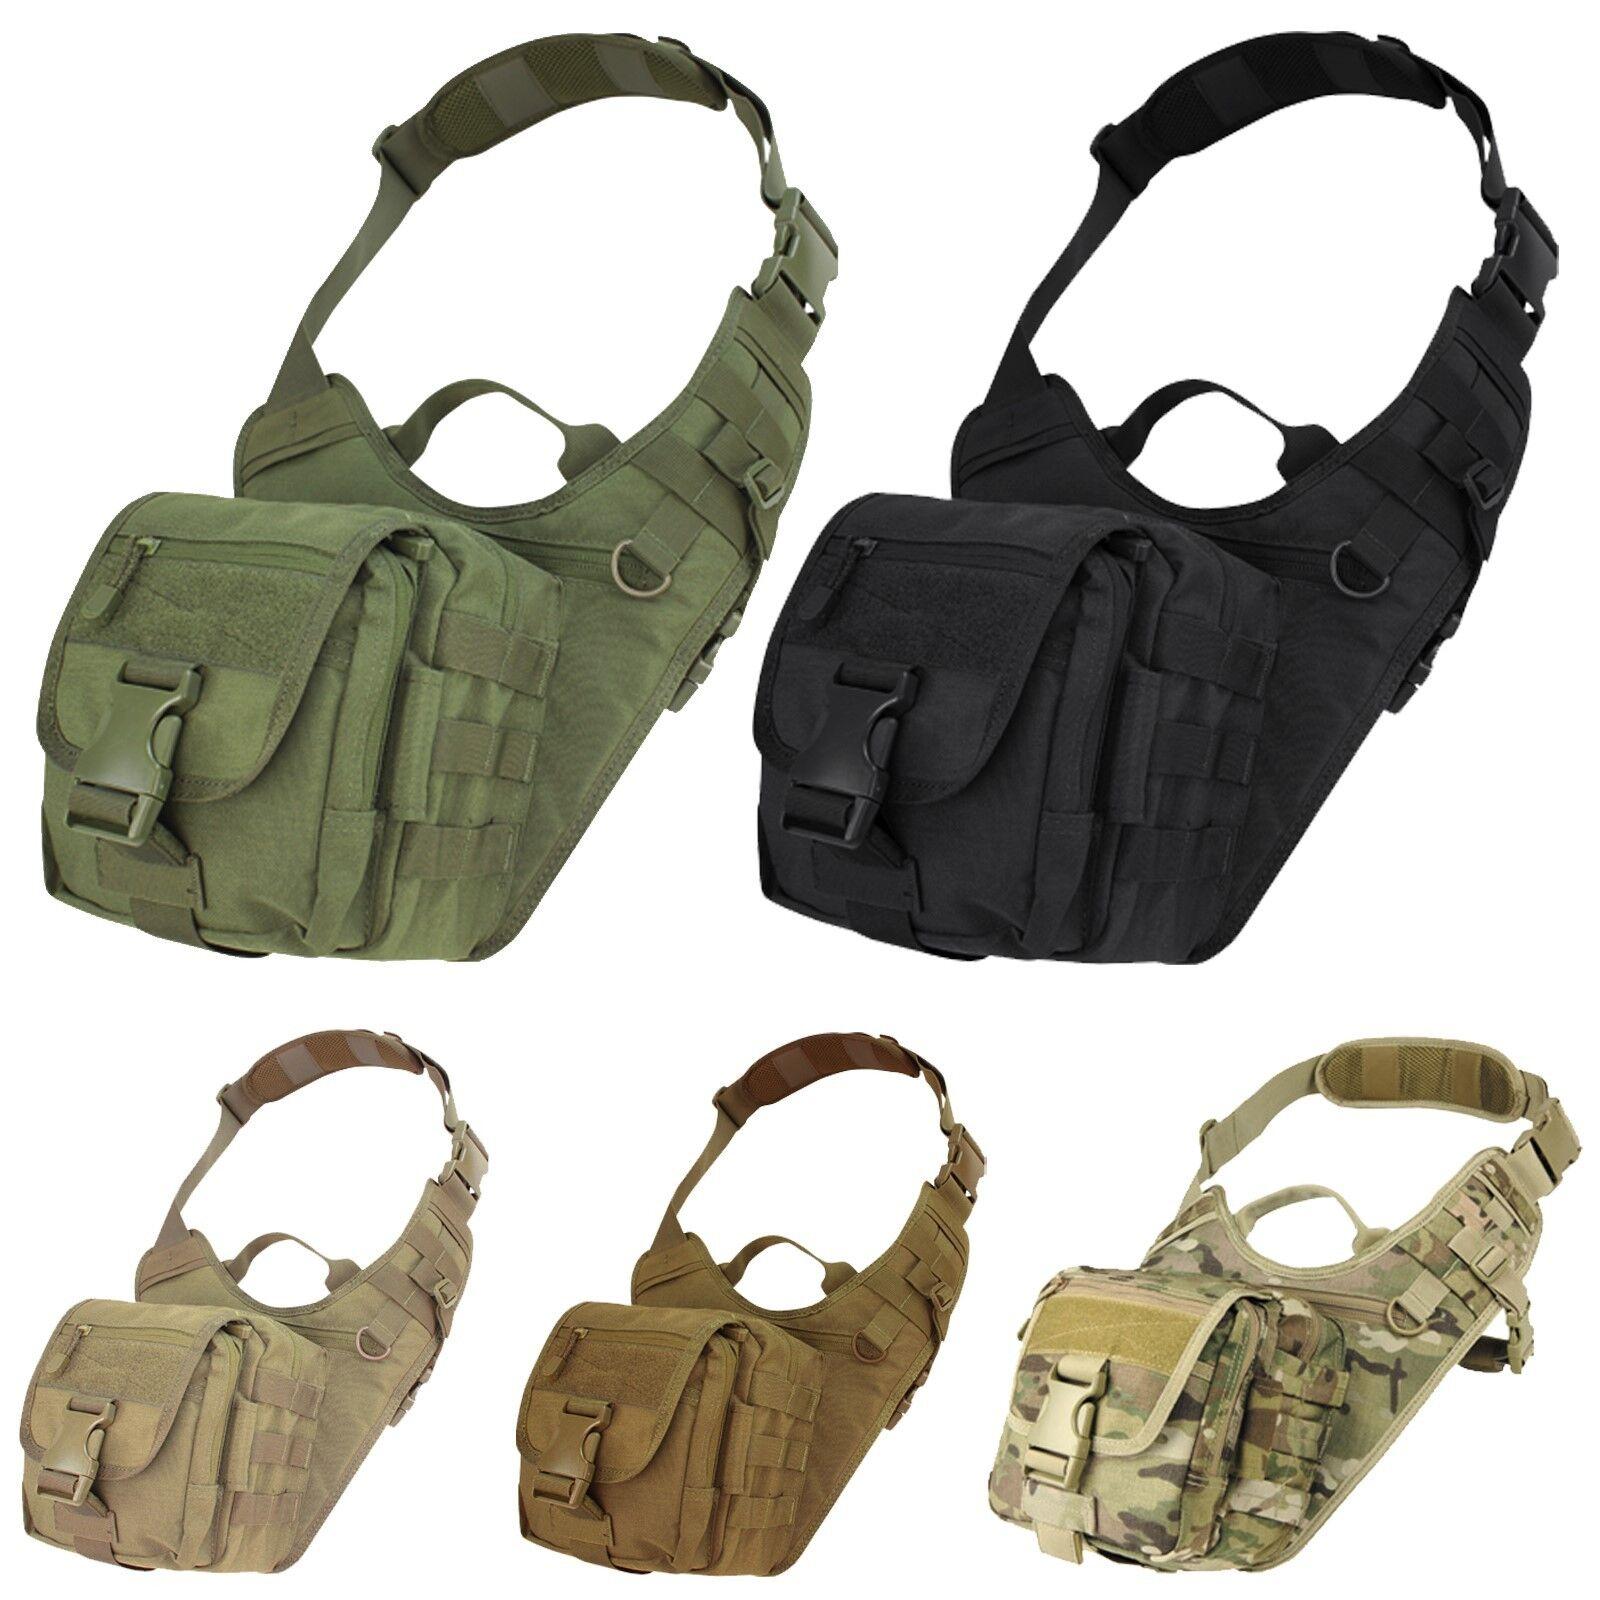 Condor 156 Tactical Molle Pals Modular Adjule Shoulder Carry Handle Edc Bag